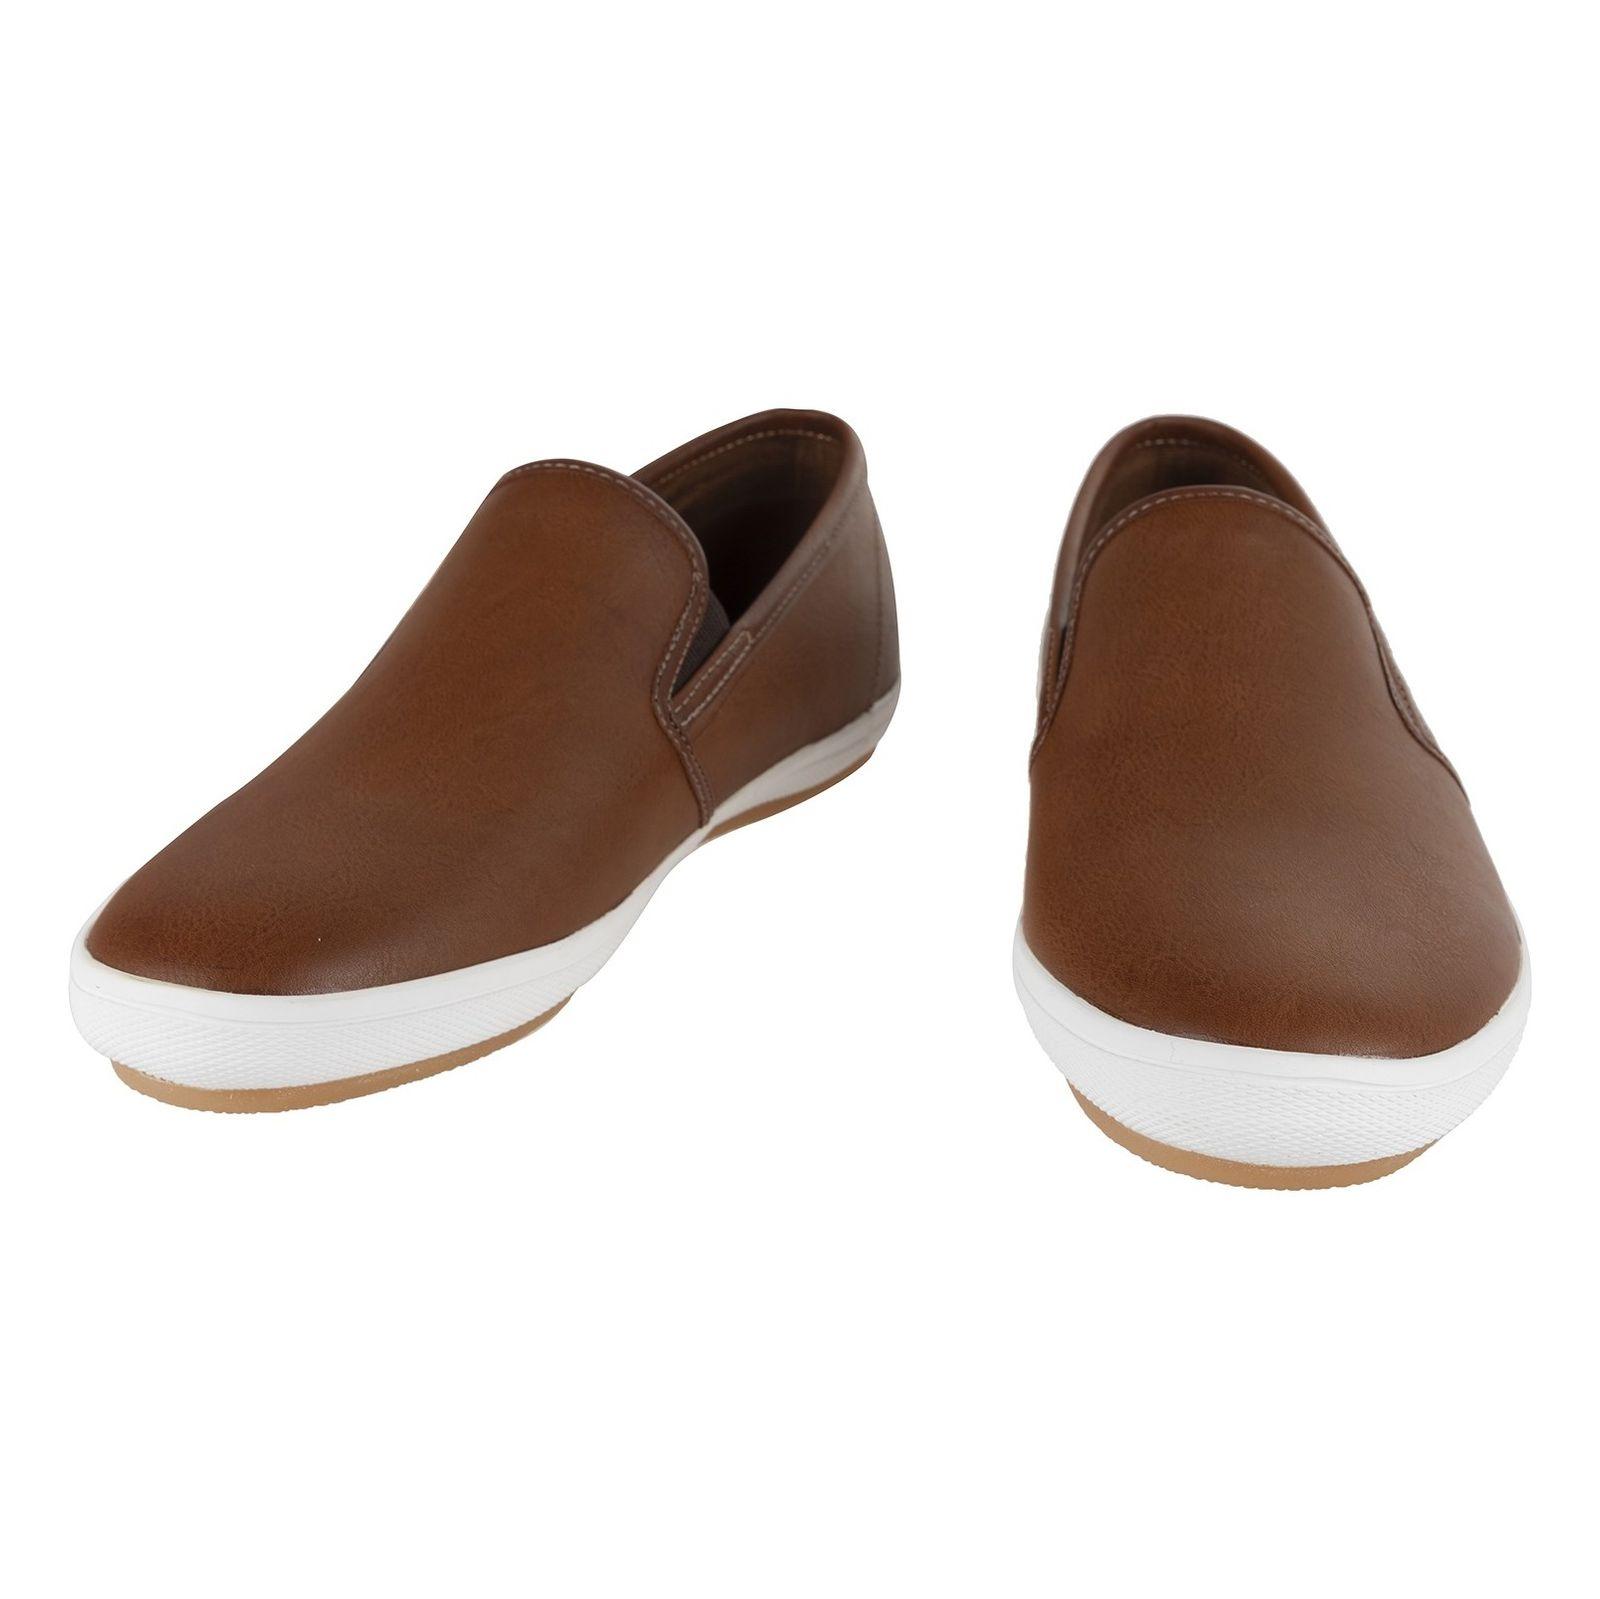 کفش راحتی مردانه - آلدو - قهوه اي - 4